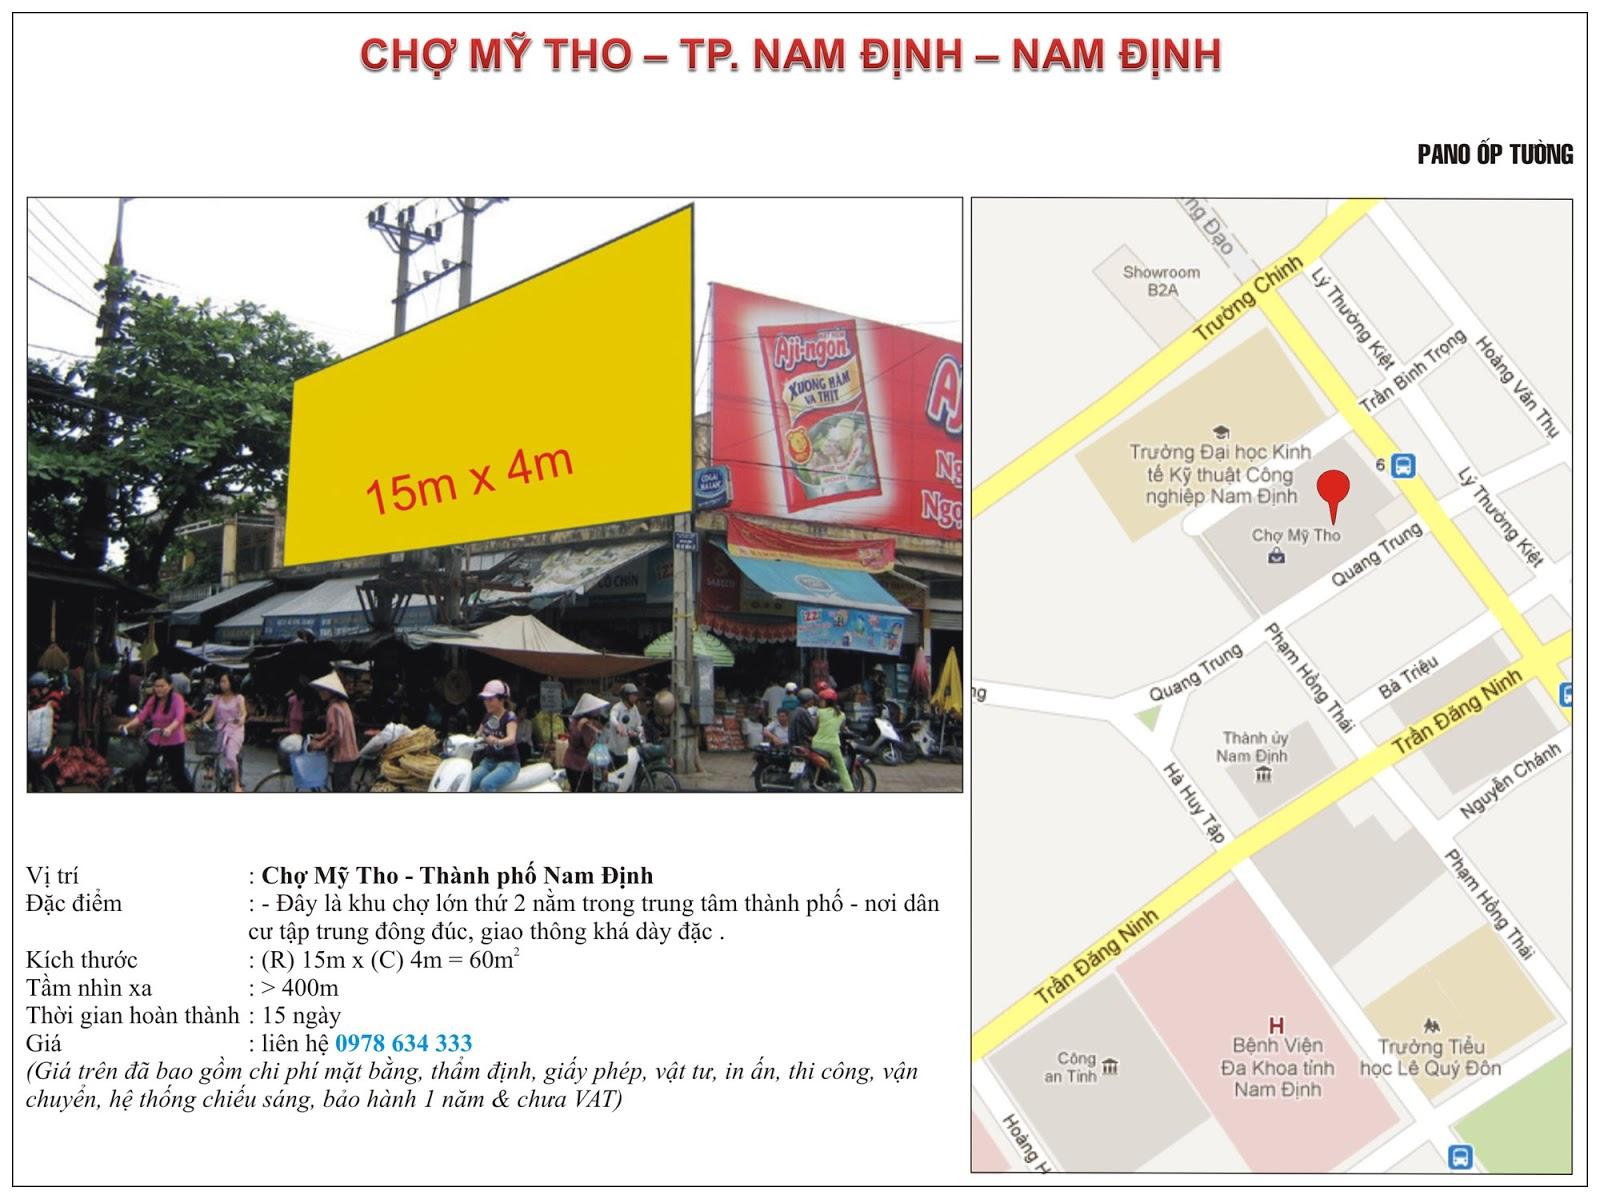 Quảng cáo tại chợ Mỹ Tho - Nam Định